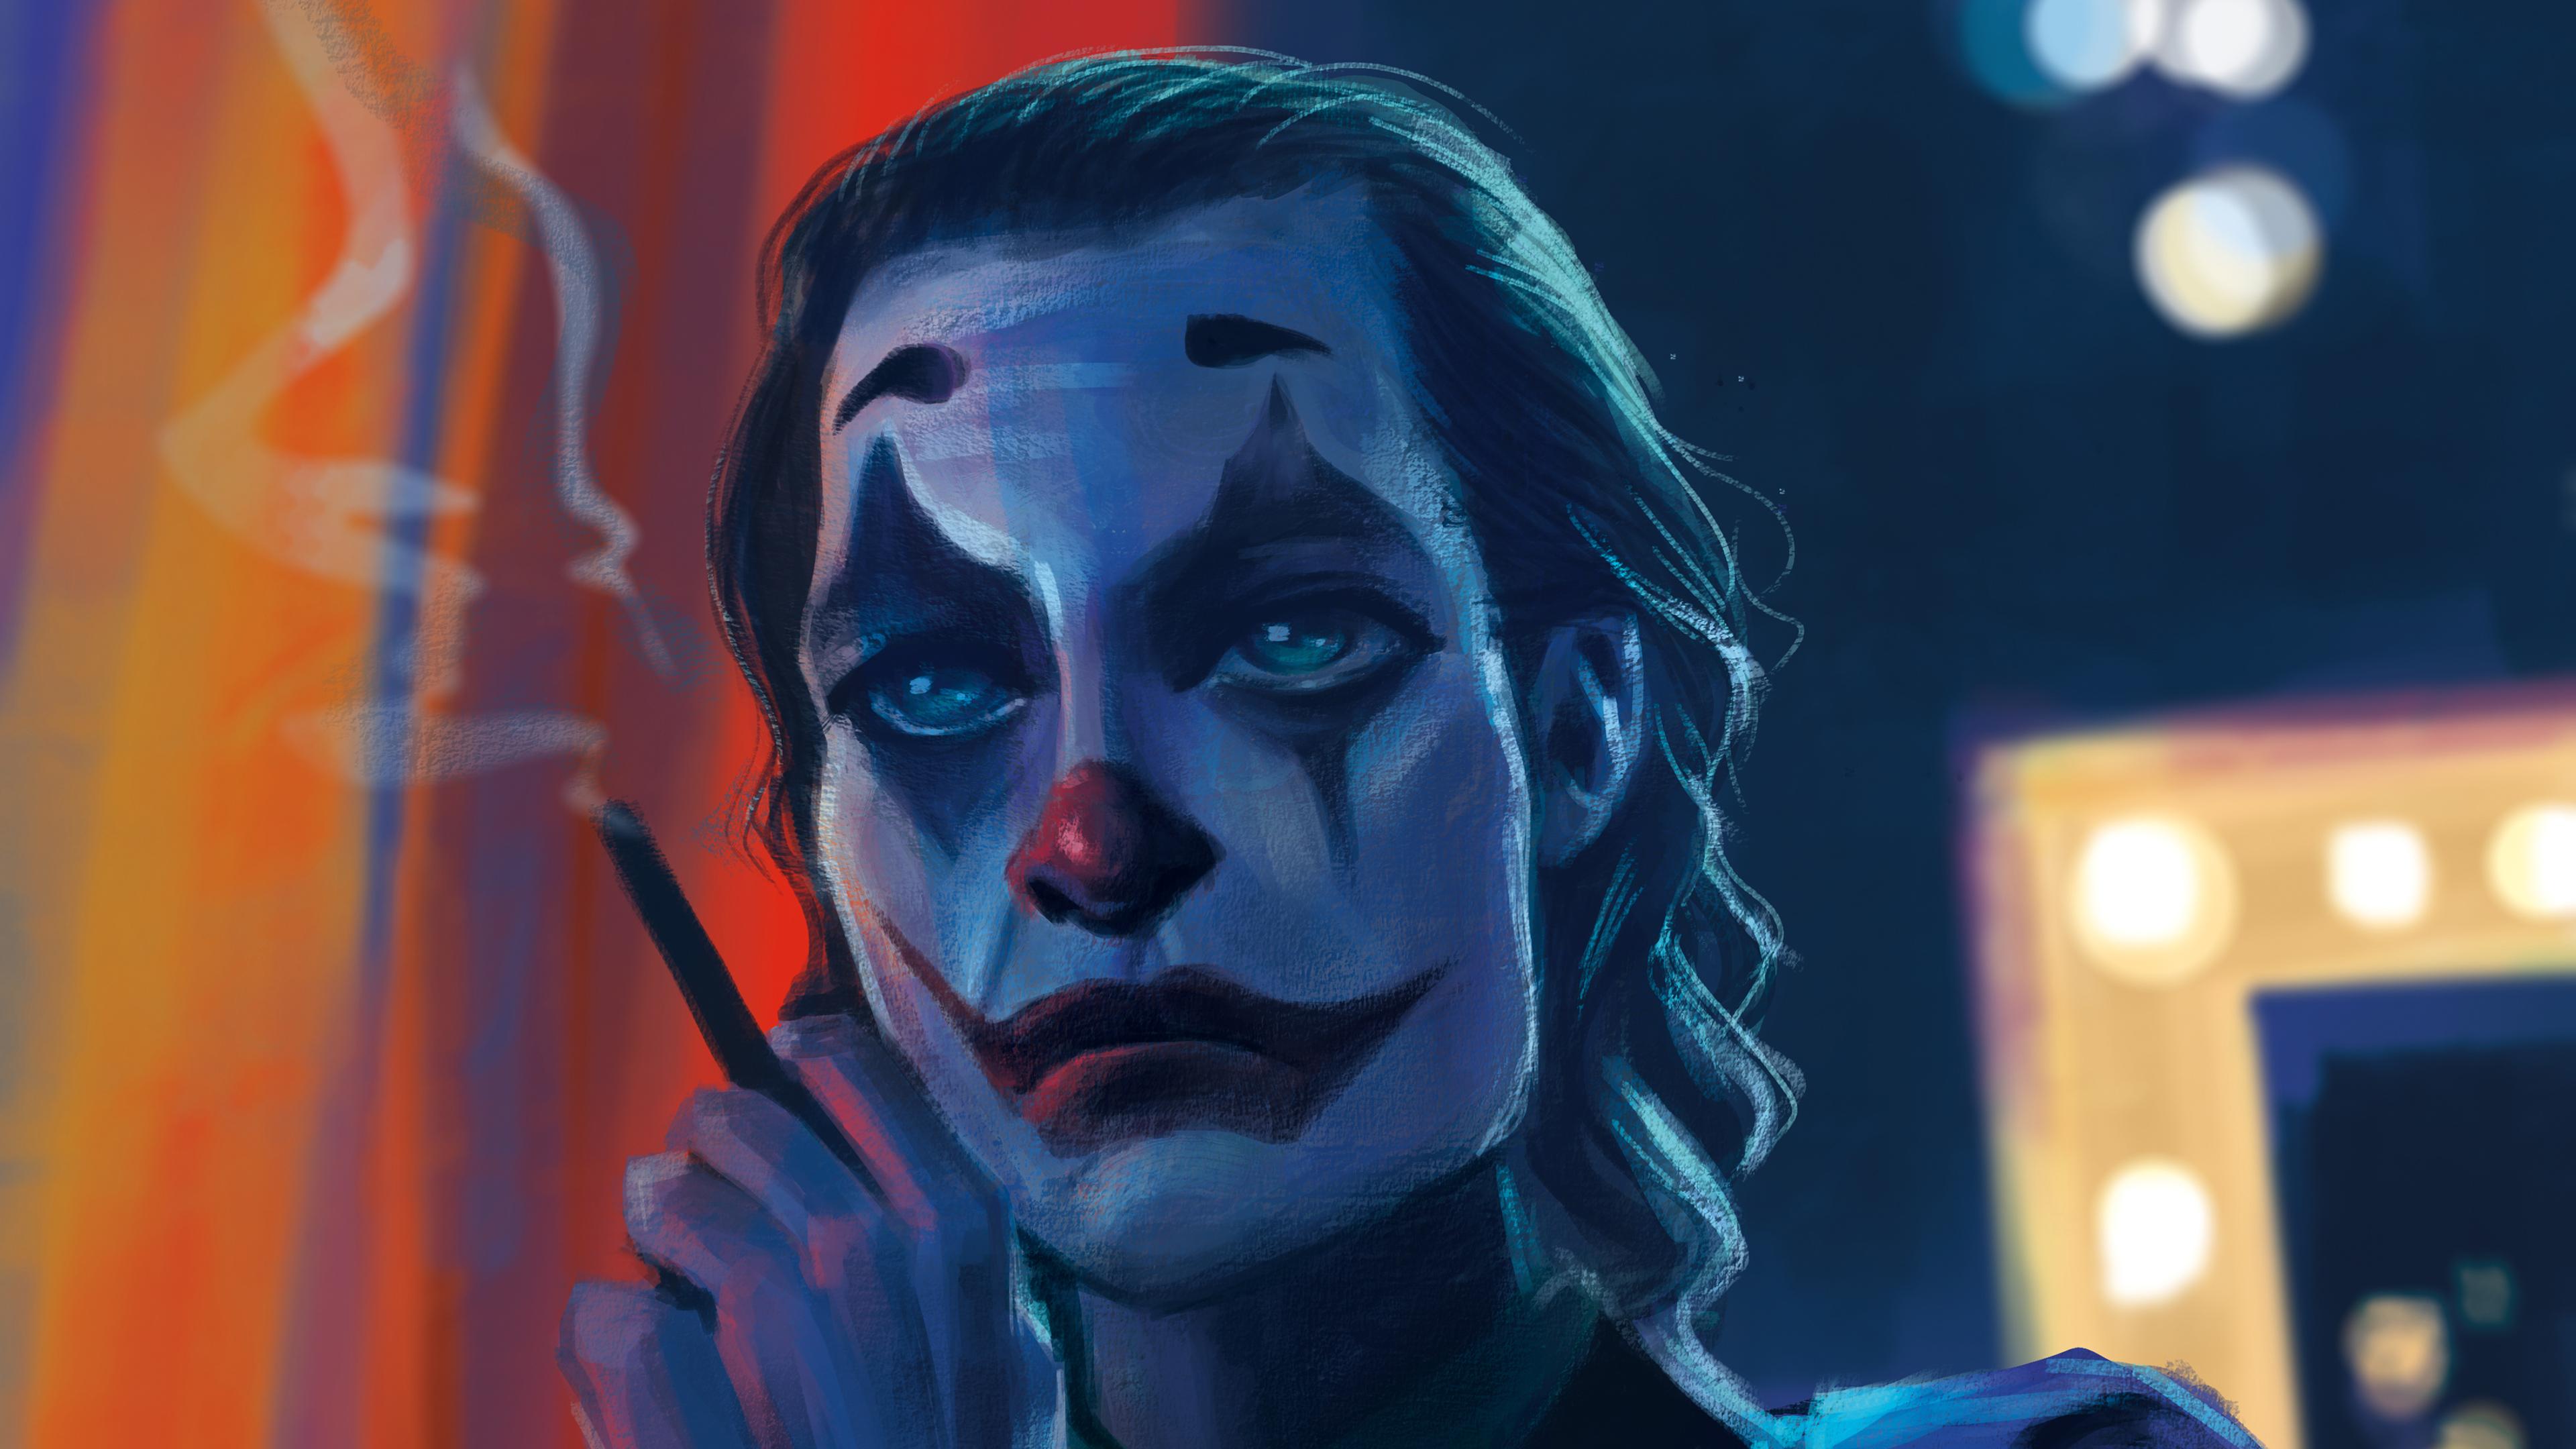 joker bad guy 1572368776 - Joker Bad Guy - supervillain wallpapers, superheroes wallpapers, joker wallpapers, joker movie wallpapers, hd-wallpapers, behance wallpapers, artwork wallpapers, 4k-wallpapers